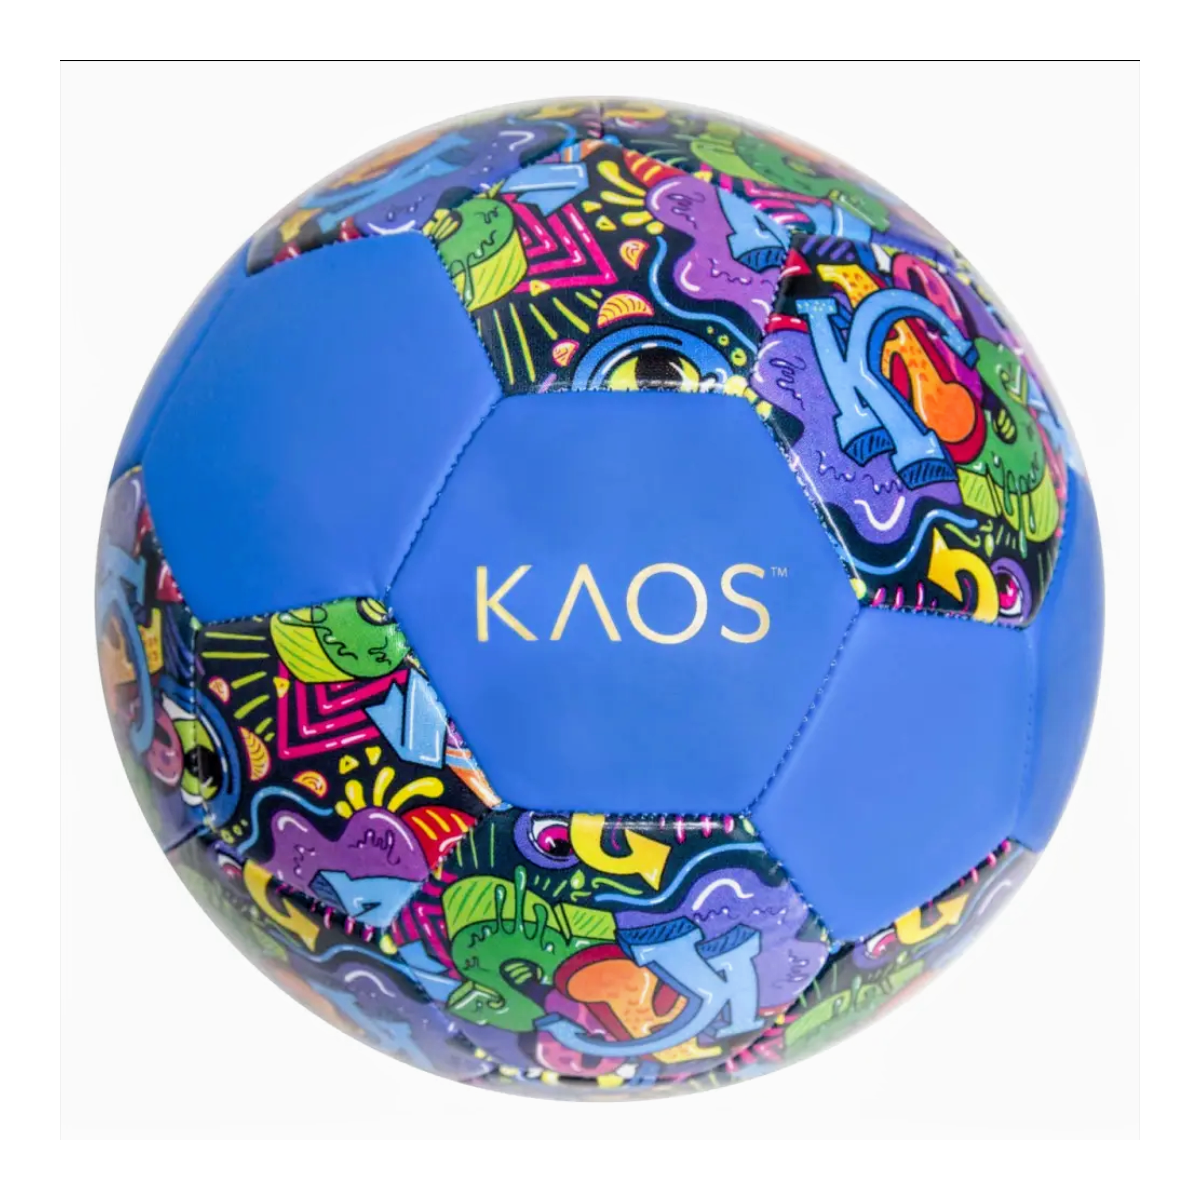 Kaos Soccer Balls - Various